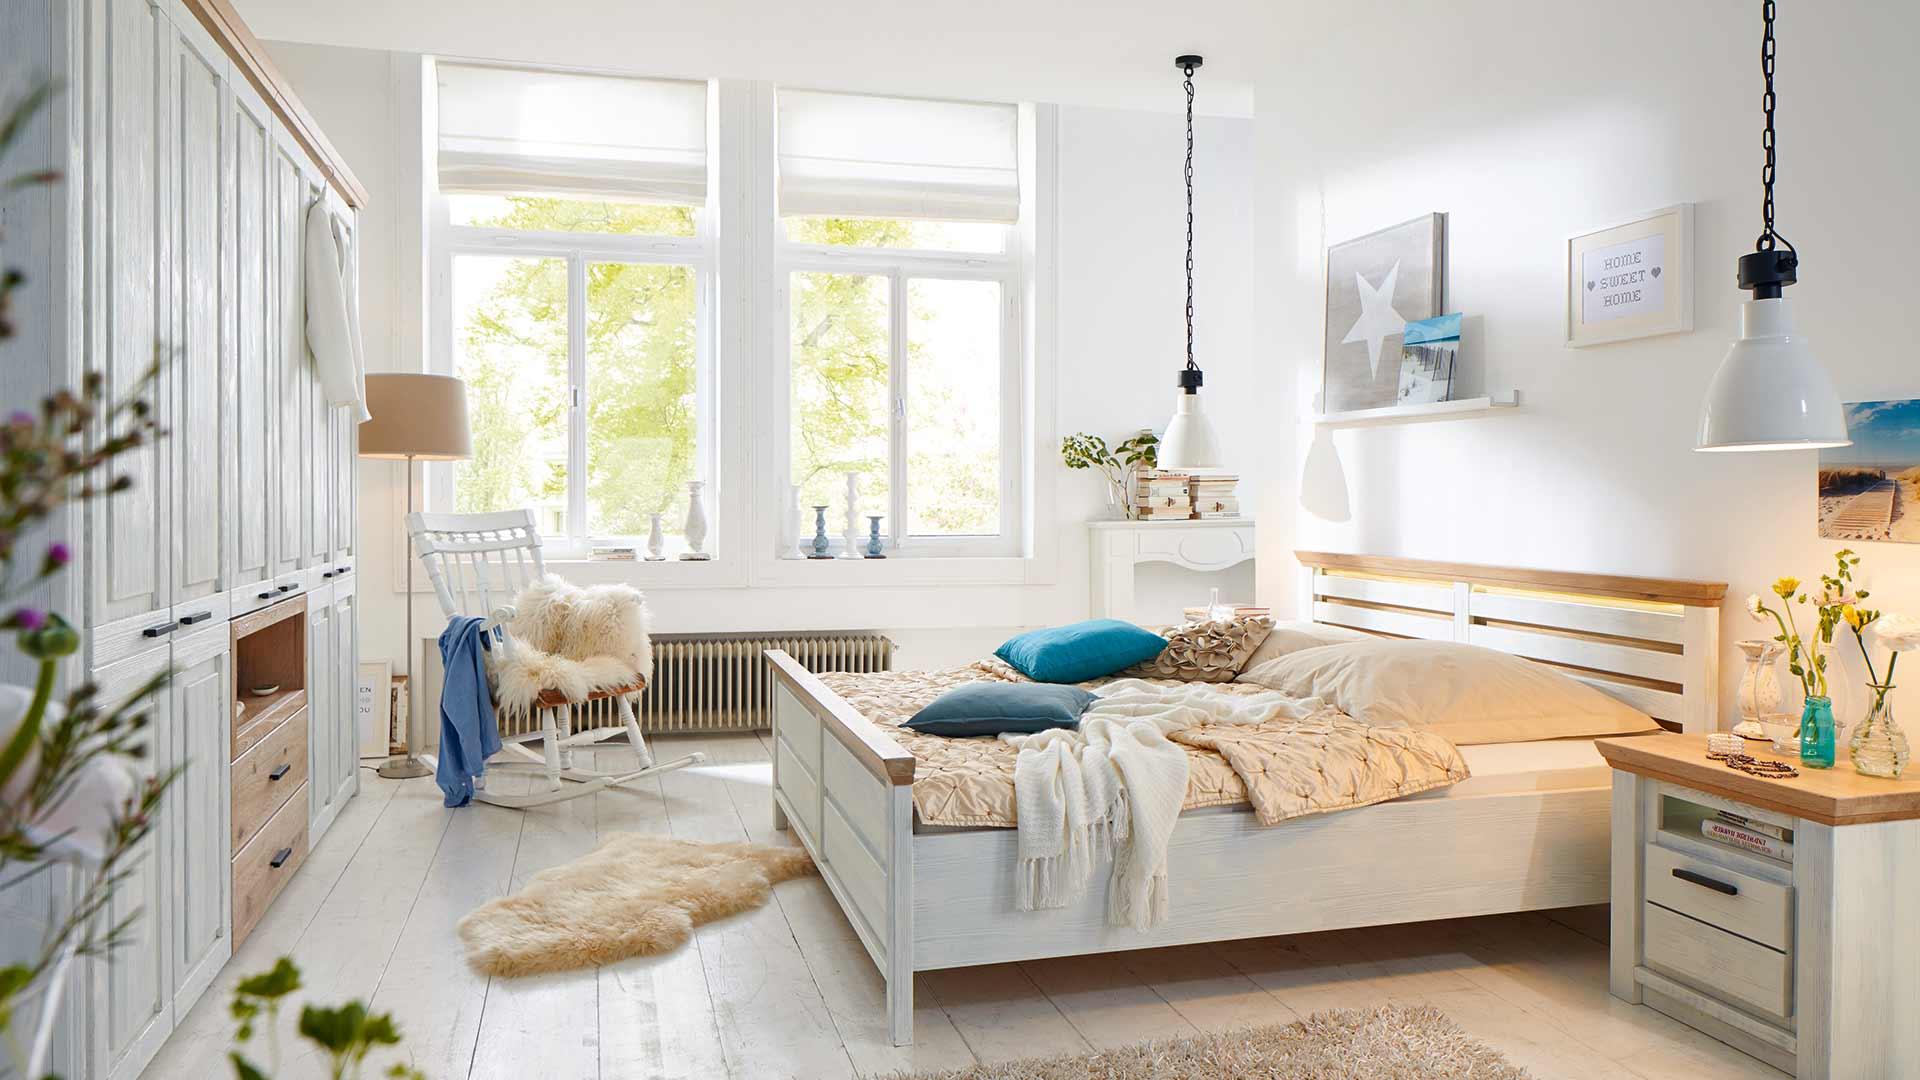 mbel einrichten perfect das massivholz nicht wichtig sein. Black Bedroom Furniture Sets. Home Design Ideas